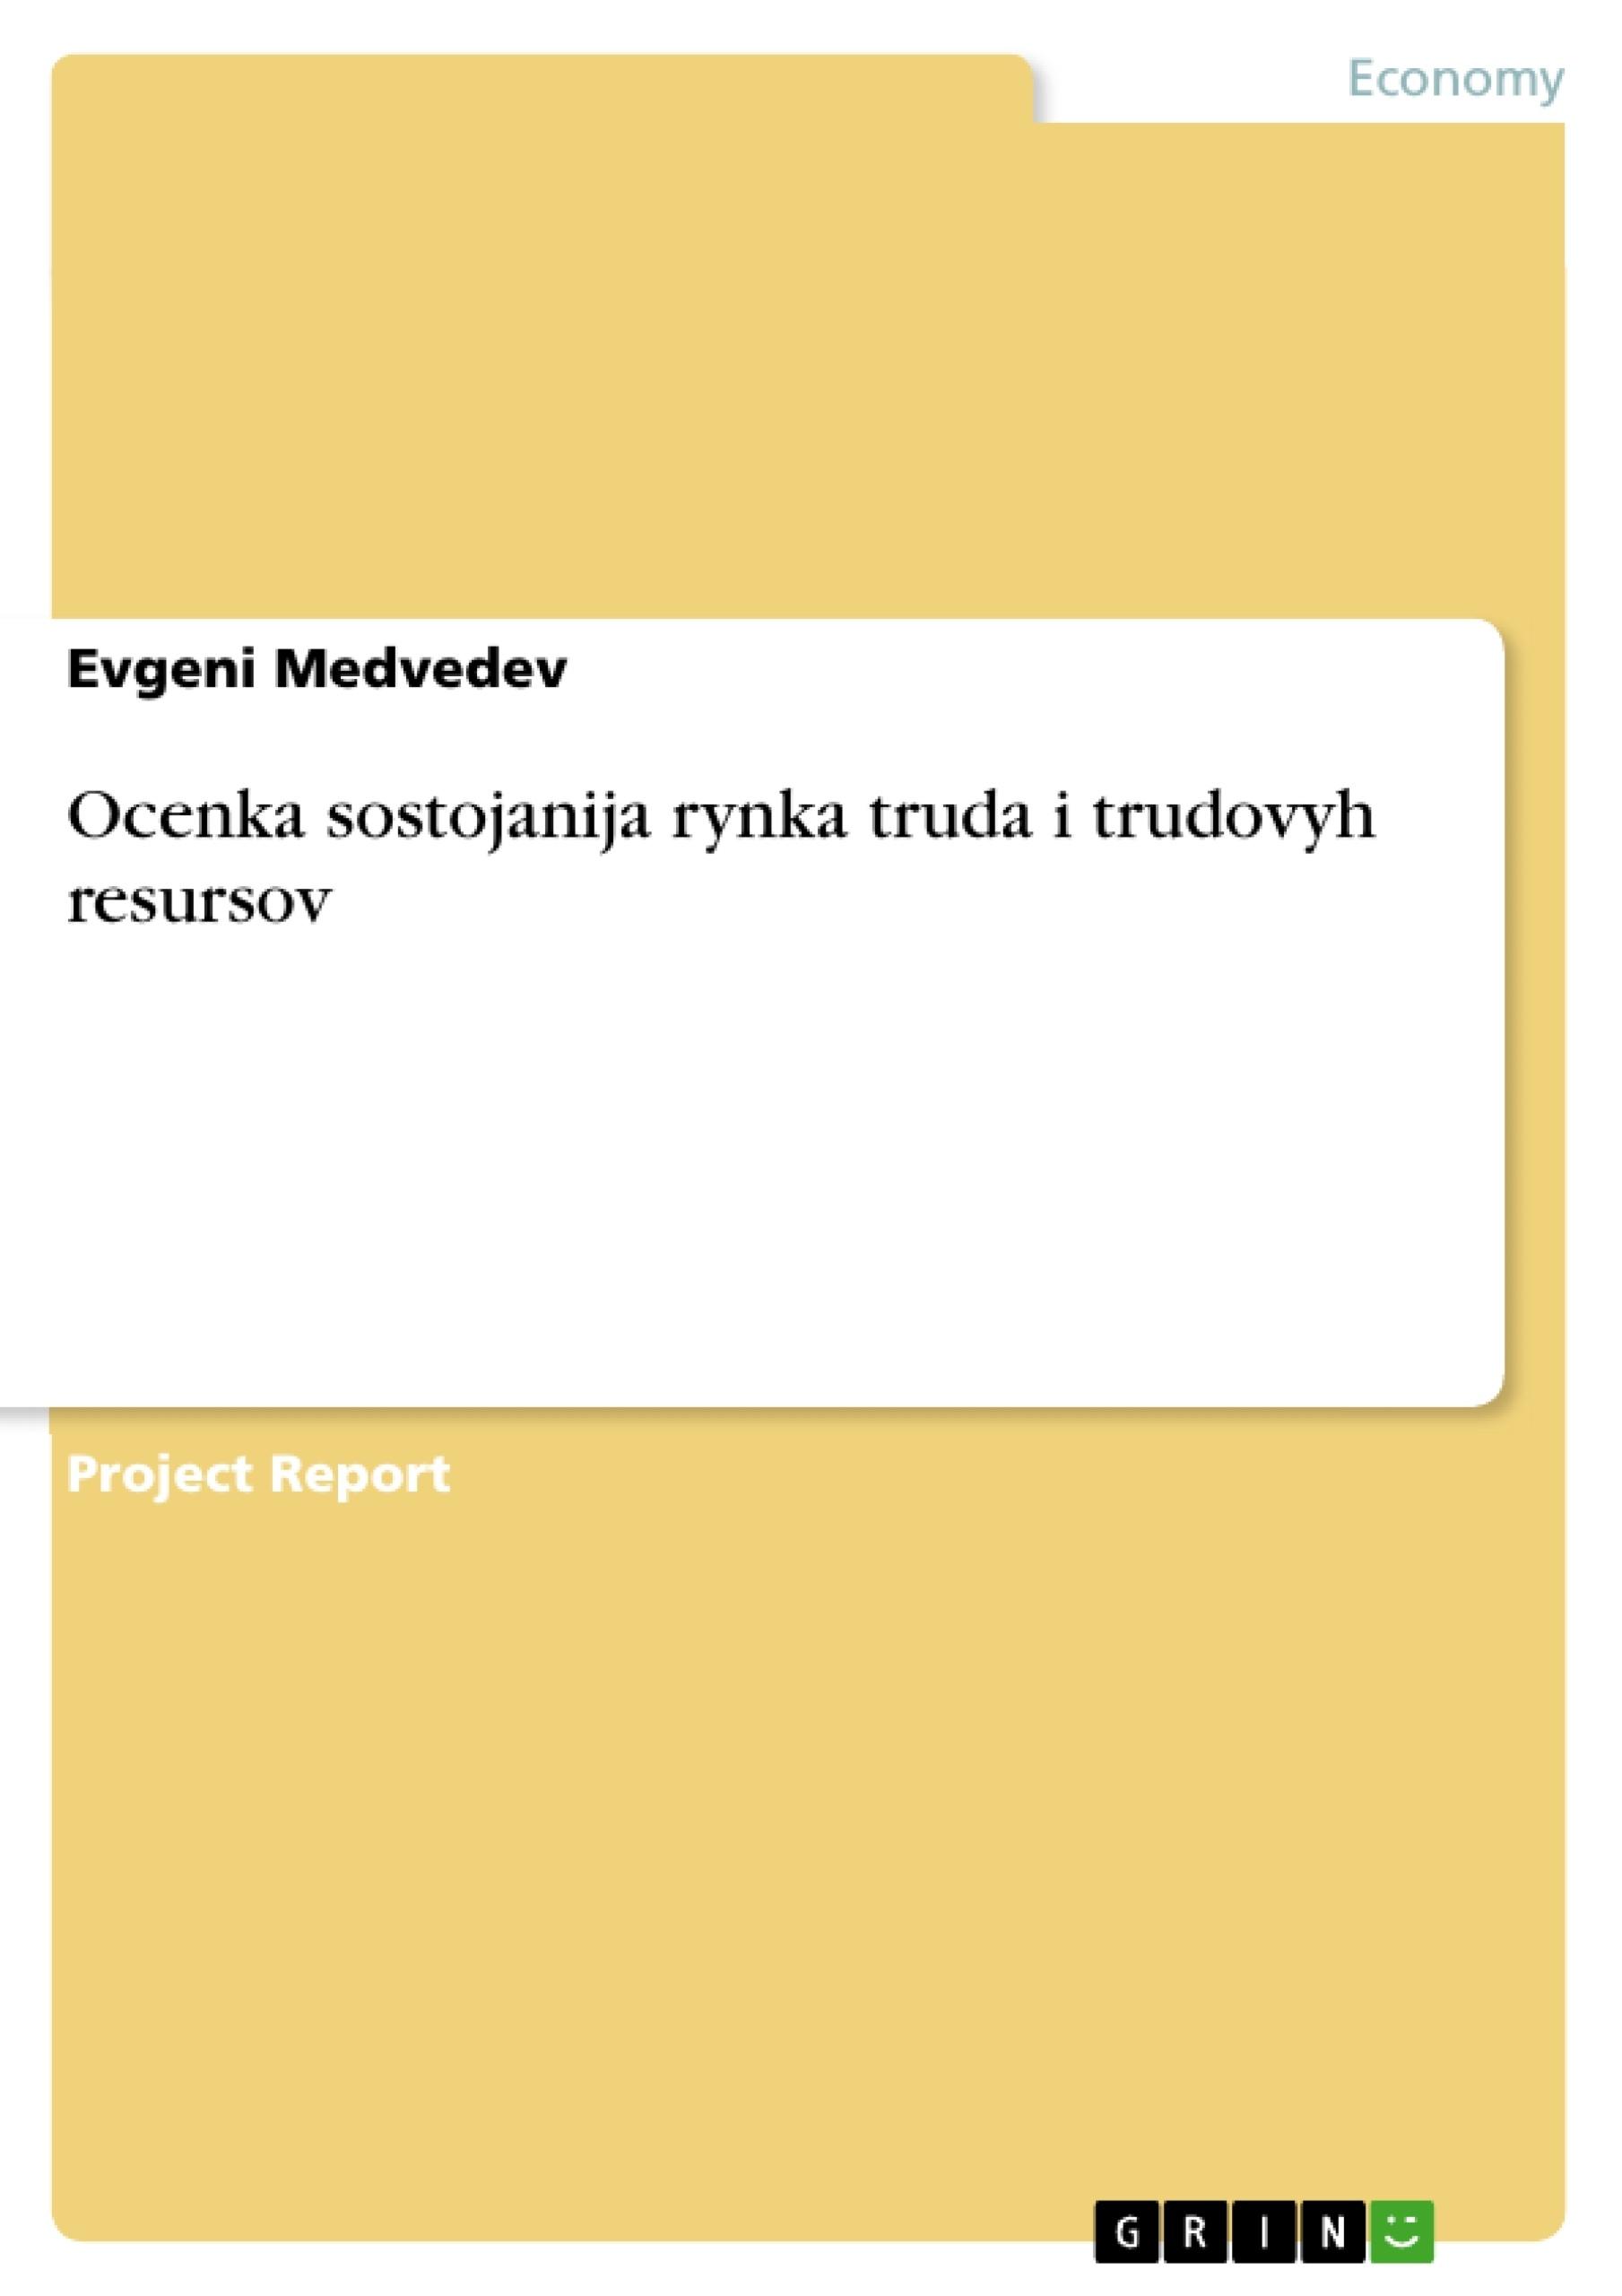 Title: Ocenka sostojanija rynka truda i trudovyh resursov